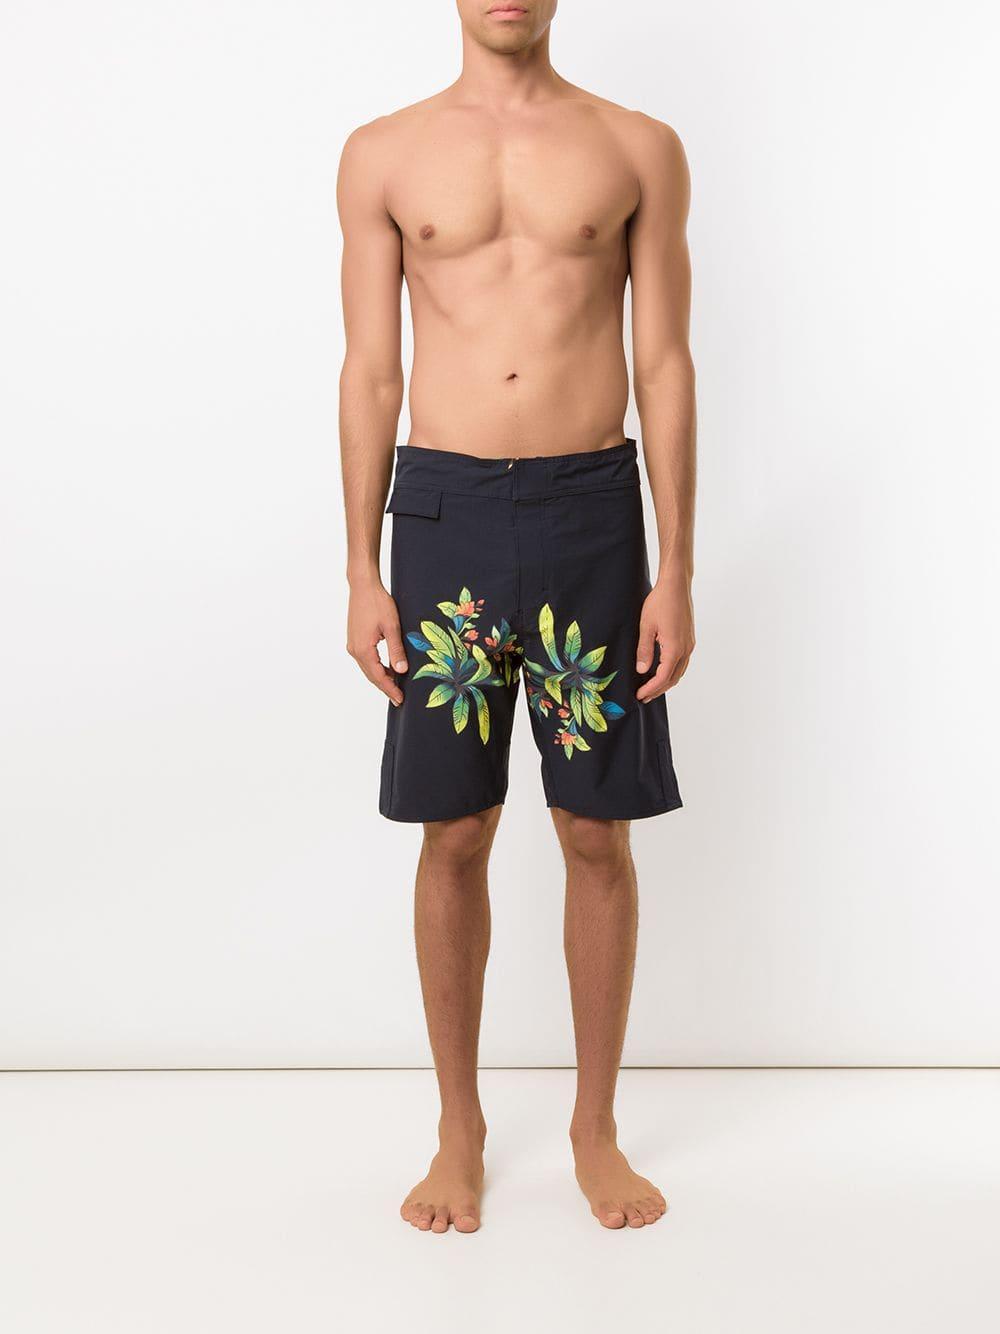 Amir Slama Synthetisch Shorts Met Print in het Zwart voor heren